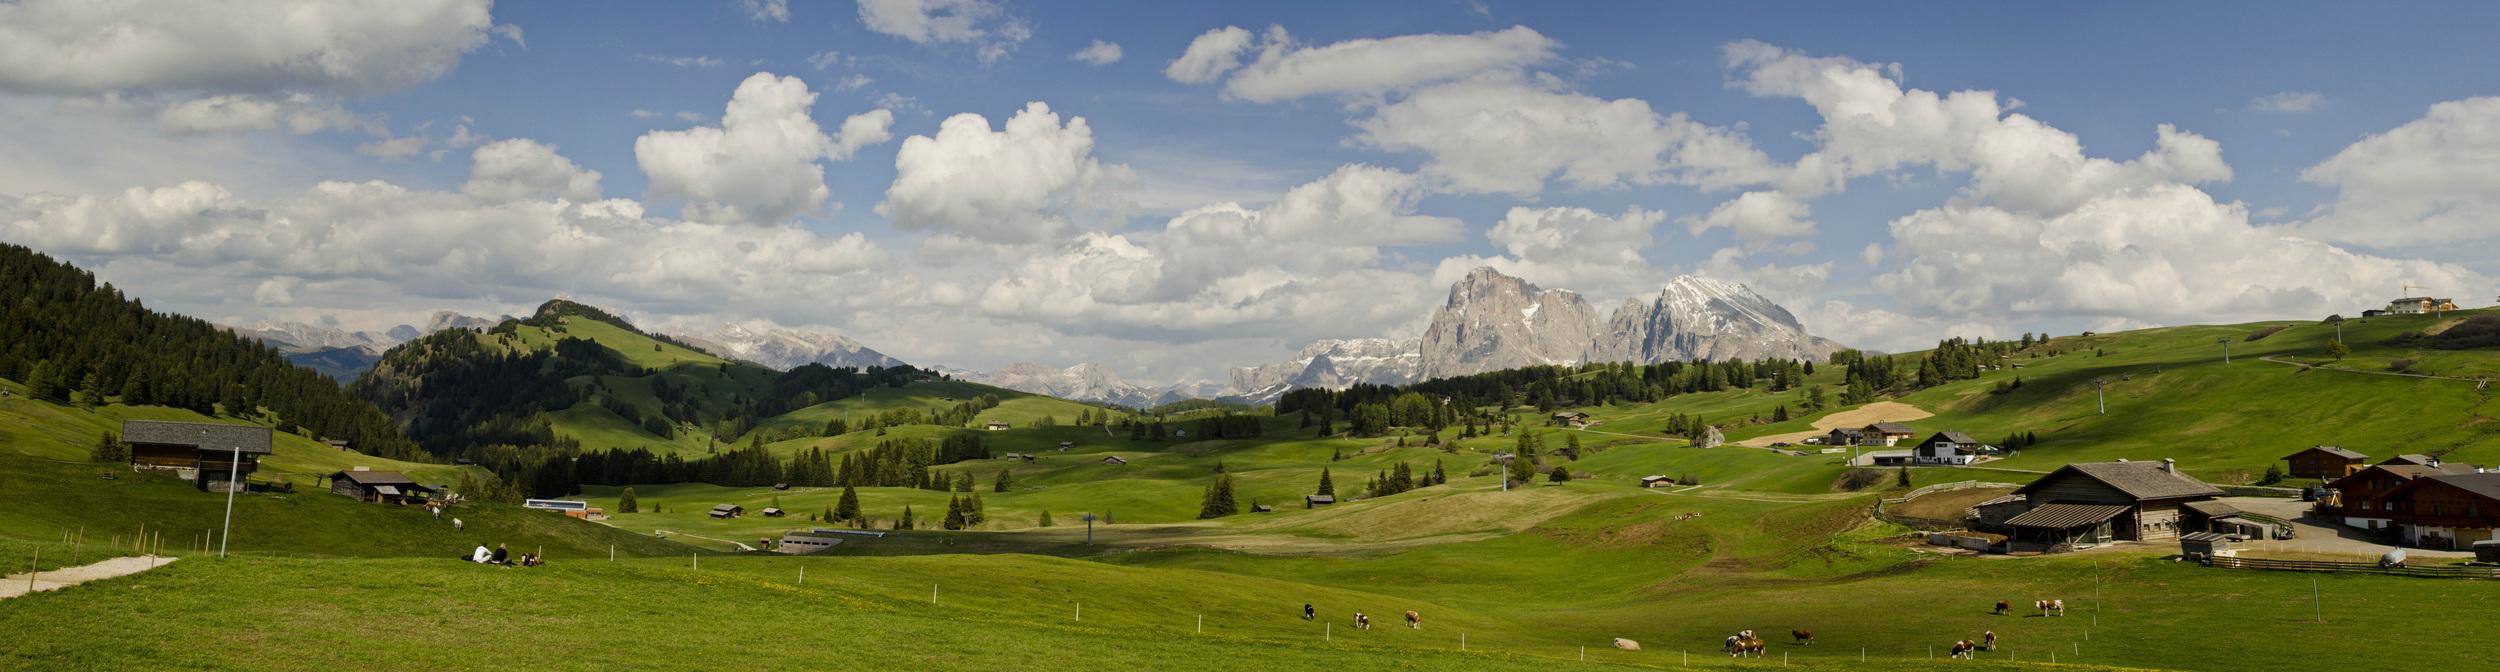 Alps_pasture_Panorama1_small.jpg